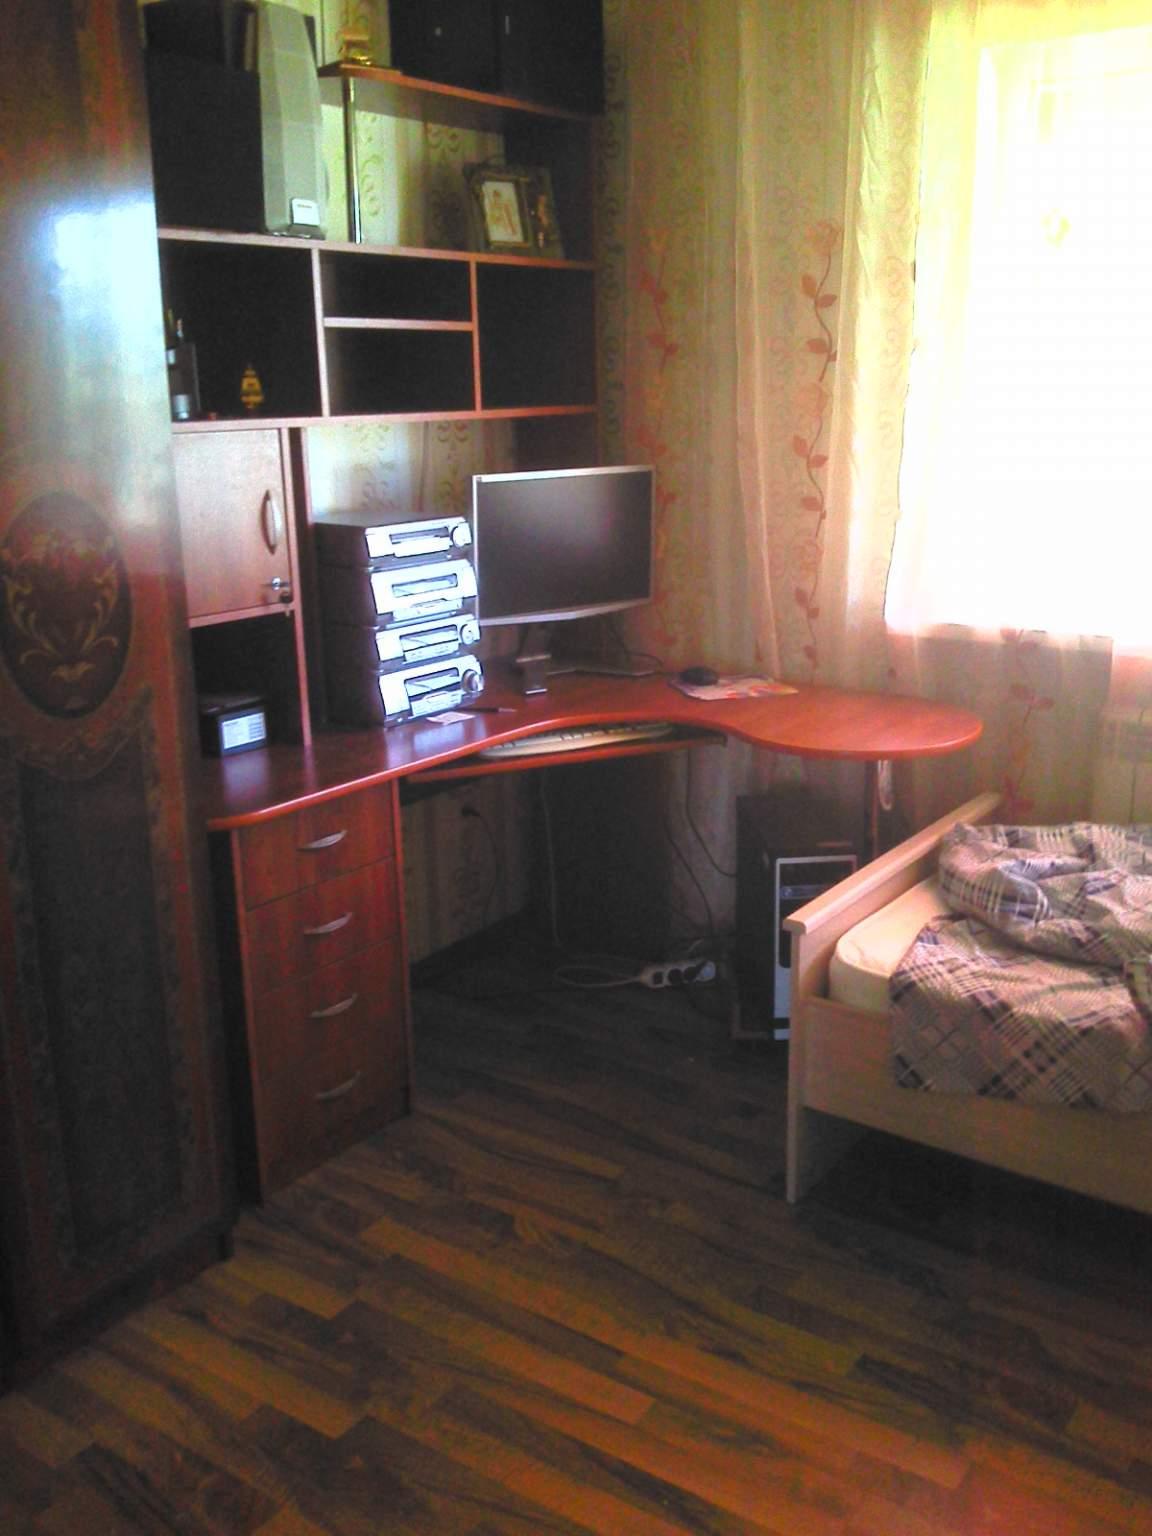 Комната в аренду по адресу Россия, Новгородская обл, Хвойнинский р-н, рабочий поселок Хвойная, Профсоюзная улица, 8